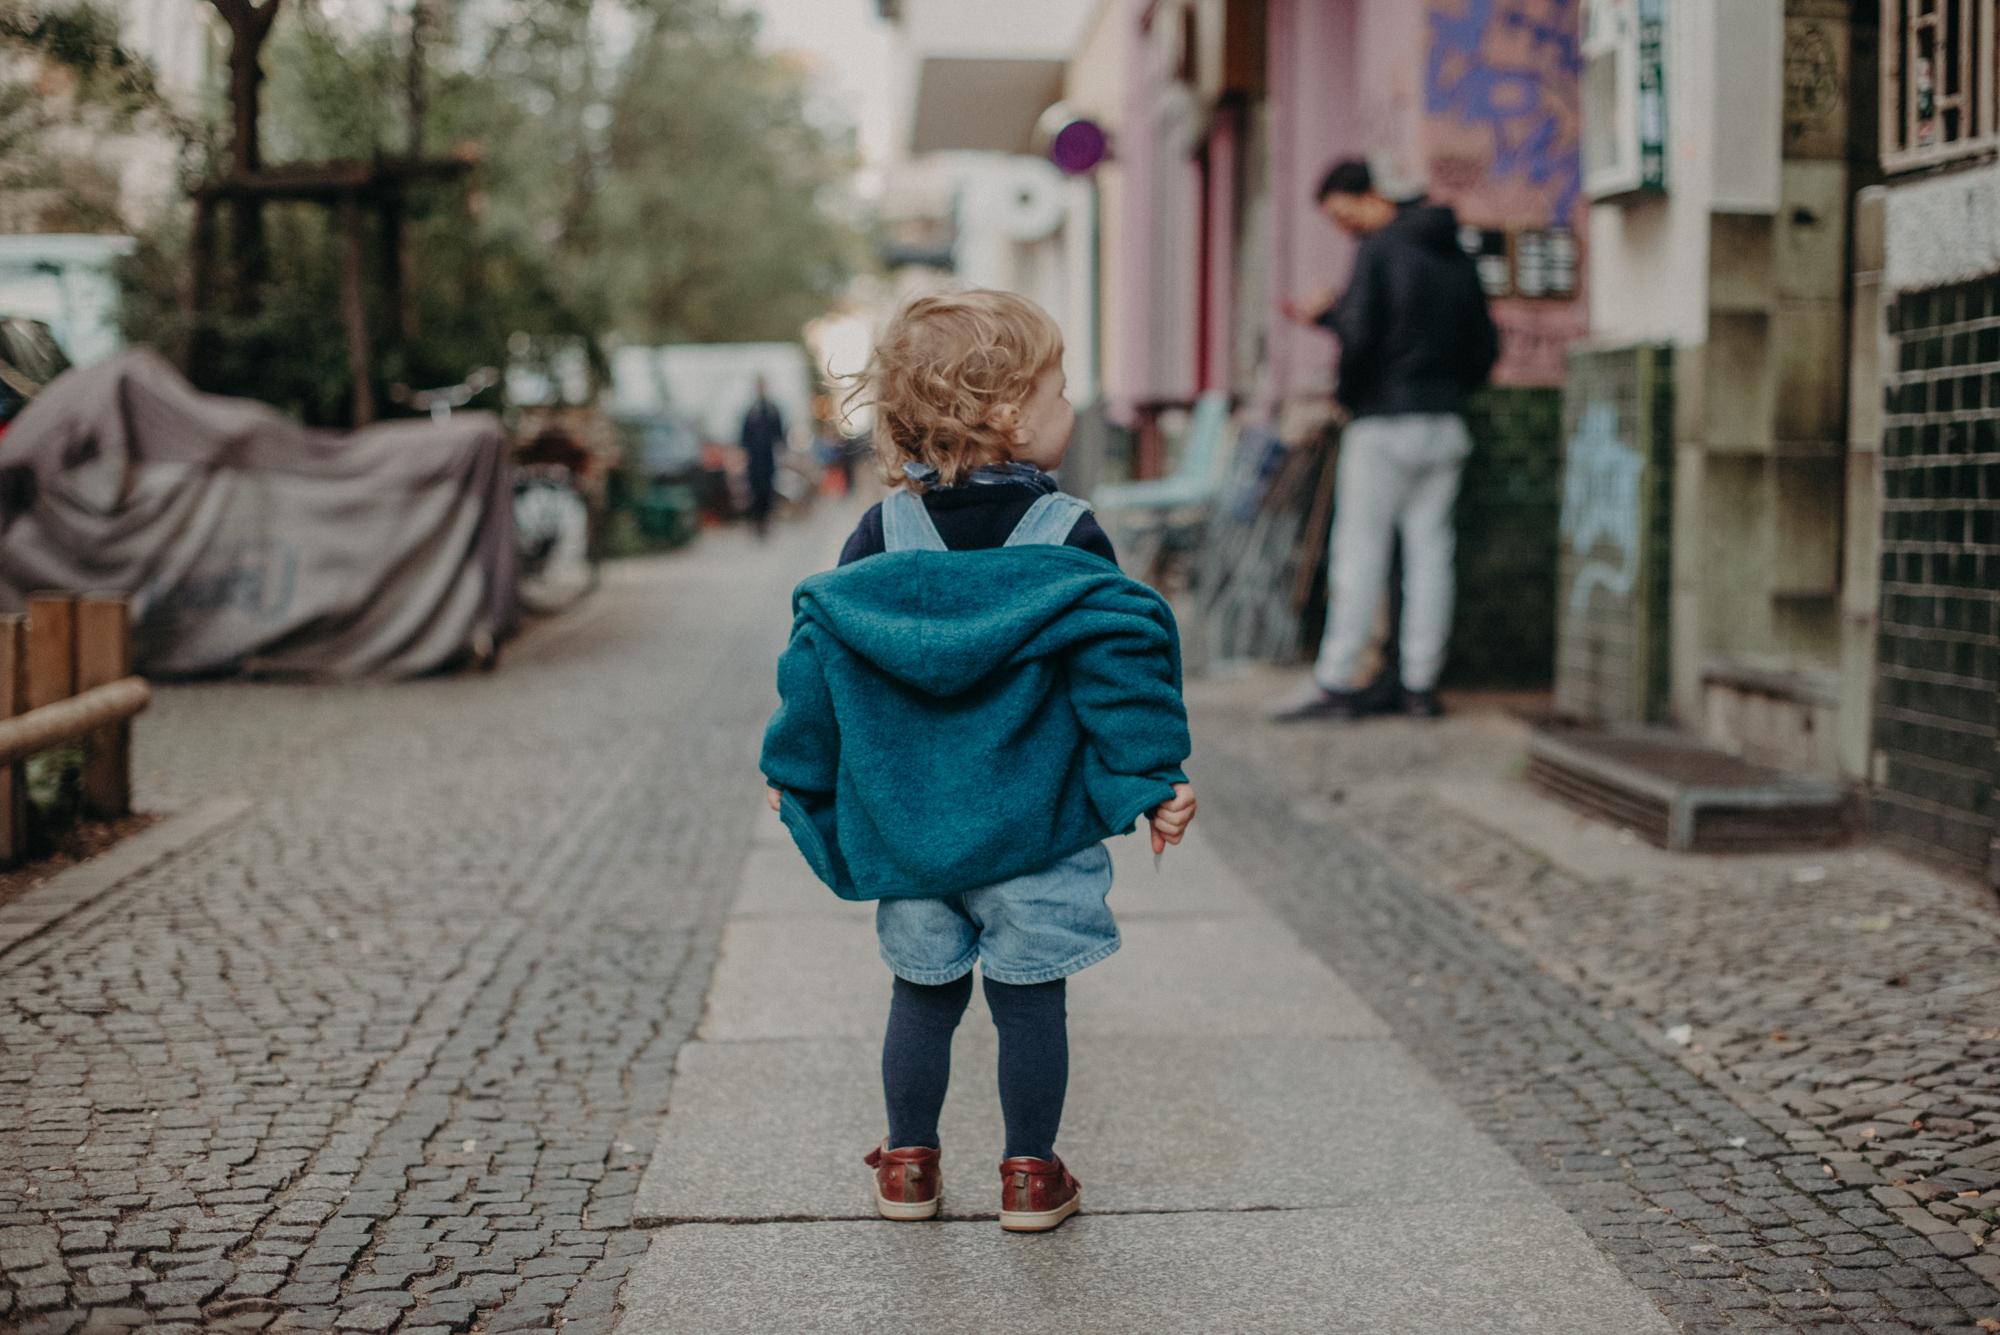 Kreative Ideen für Familienfotos, Fotograf Freiburg